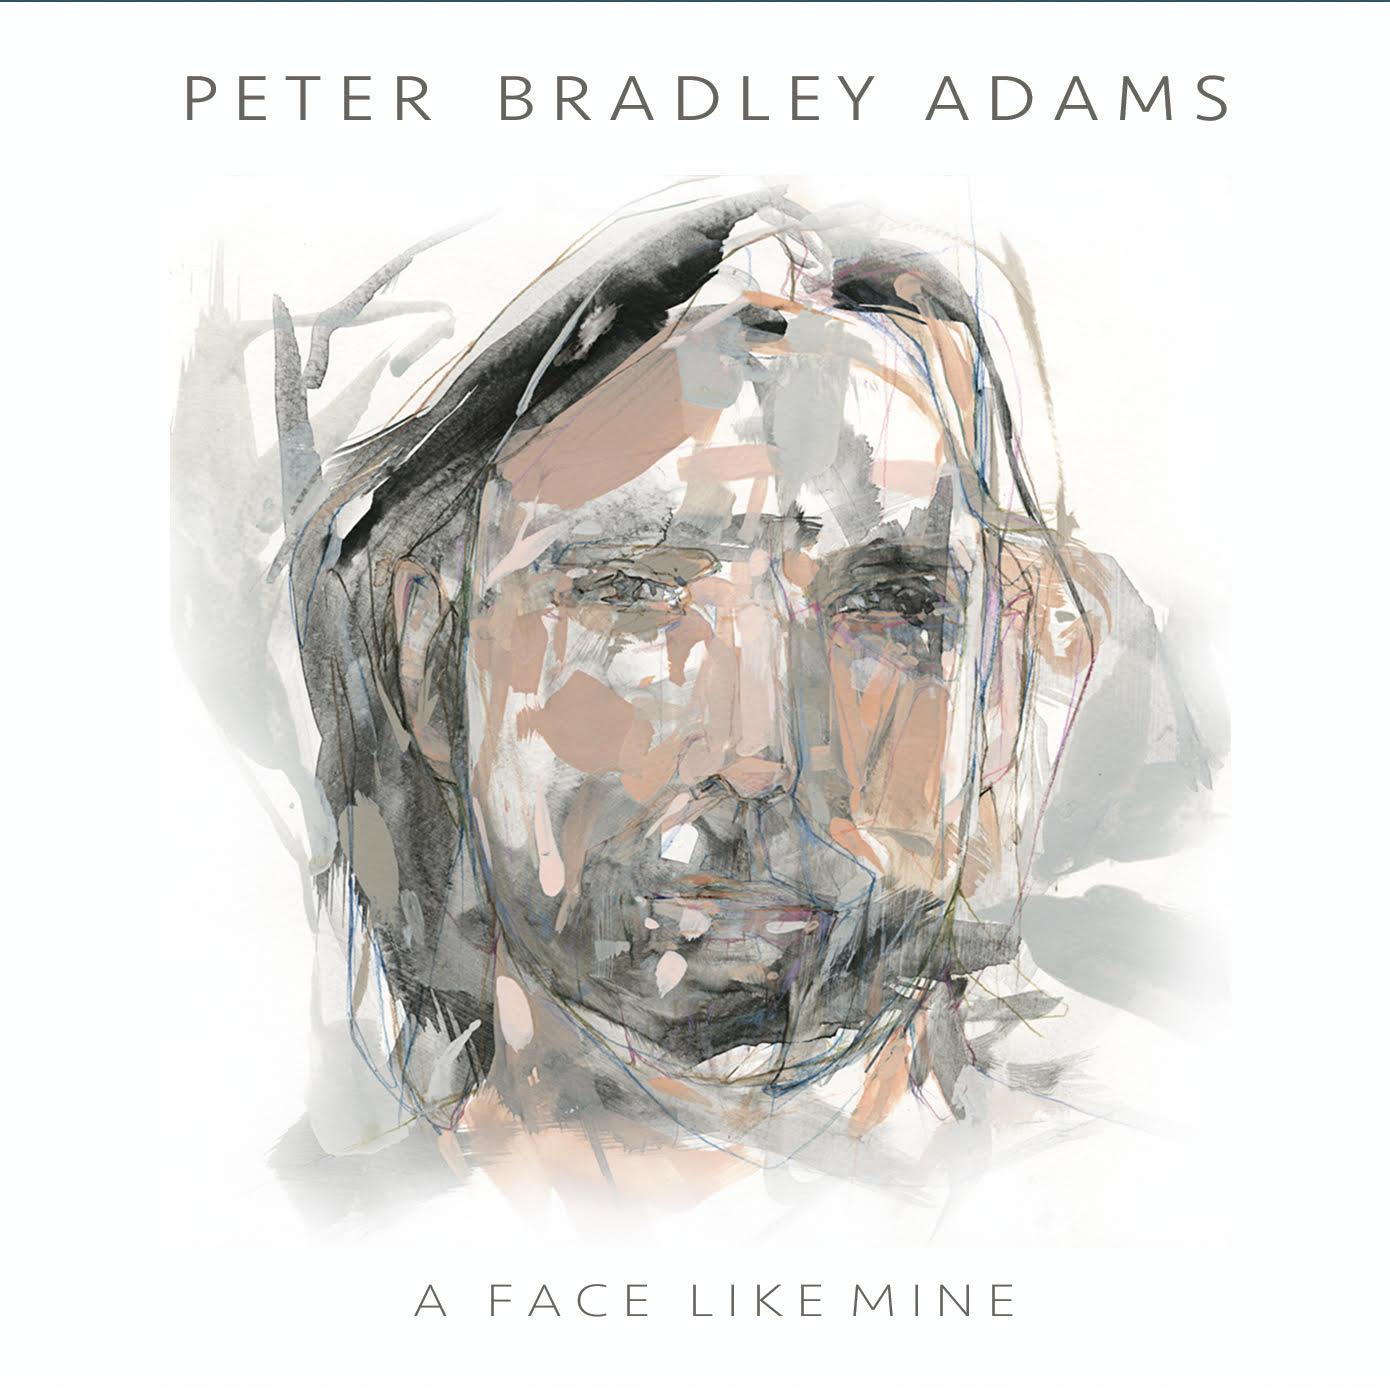 Peter Bradley Adams Cover Art.jpg